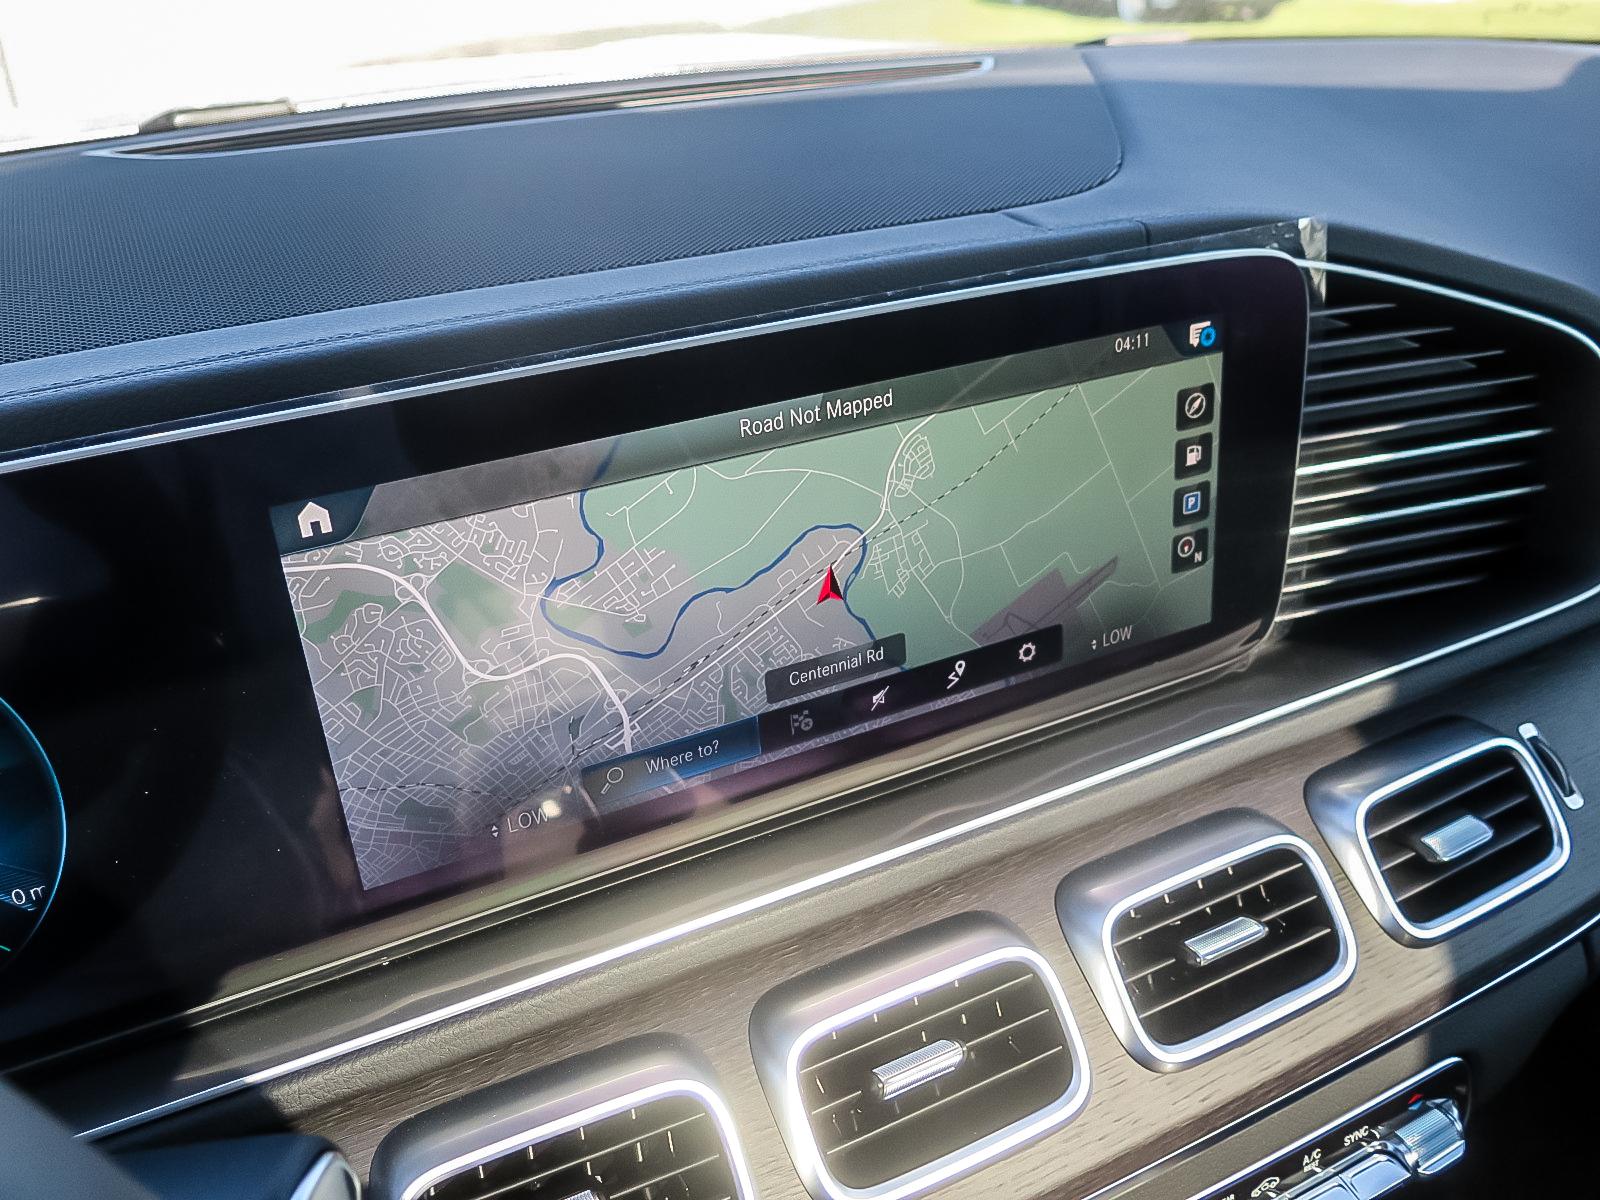 New 2020 Mercedes-Benz GLS450 4MATIC SUV